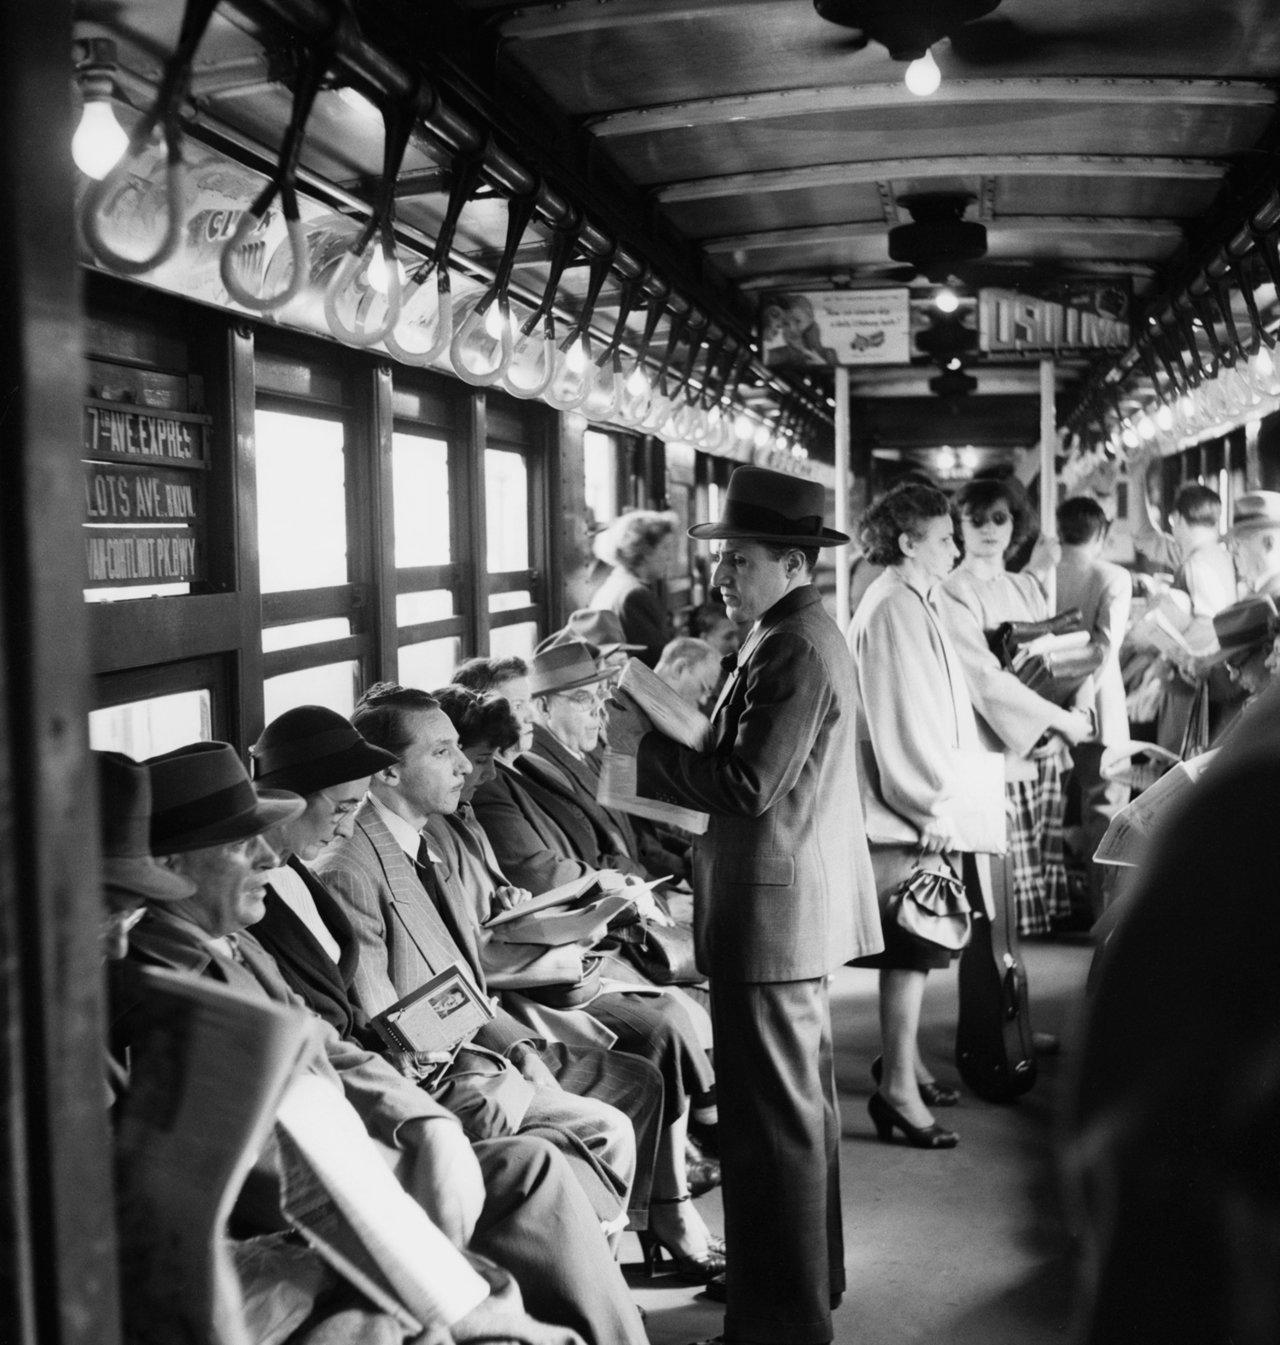 такой 20 фактов о метро мальчик